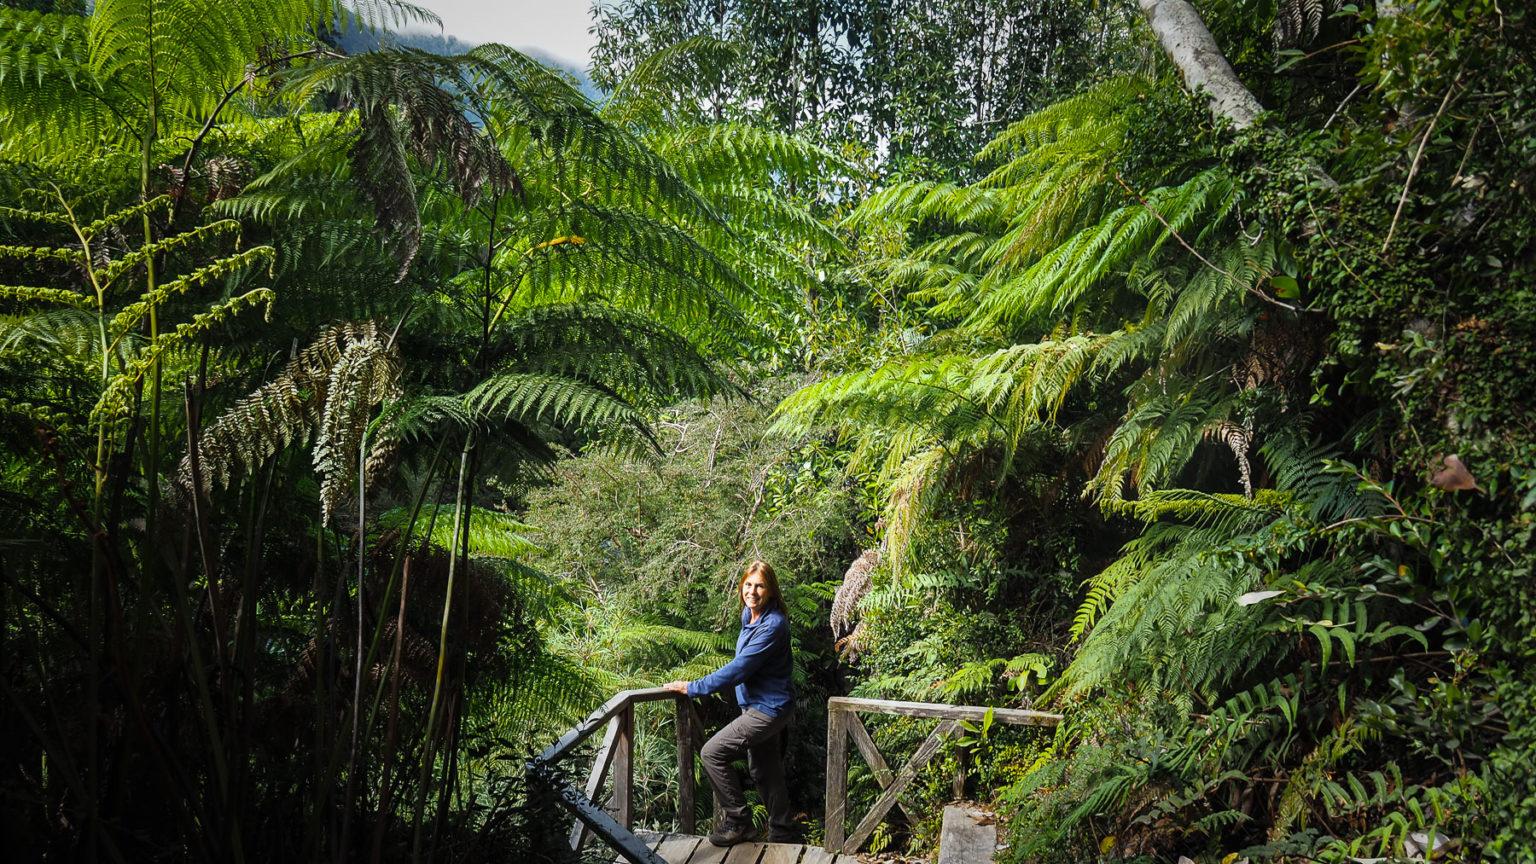 Es geht durch feuchte üppig bewachsene Gebiete und dichtesten Wald